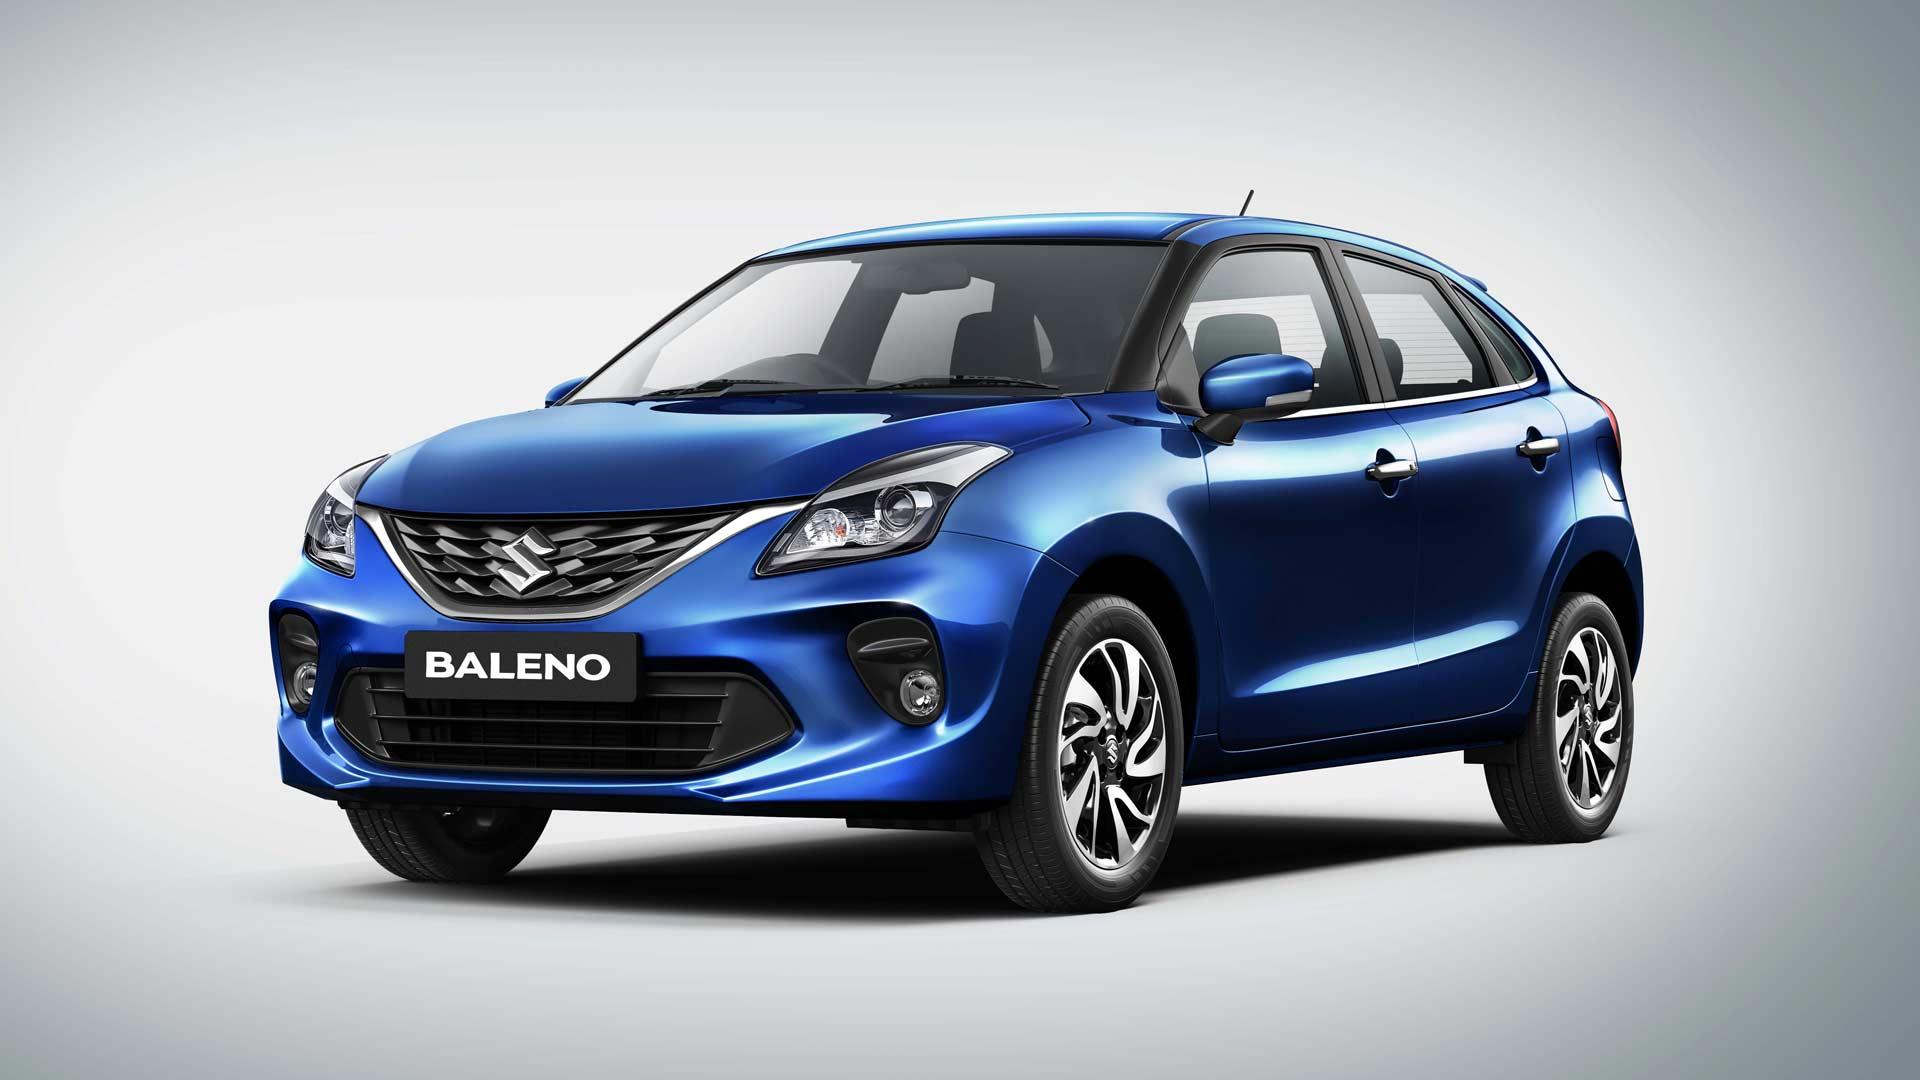 2019 Maruti Suzuki Baleno Variant Wise Features Autodevot